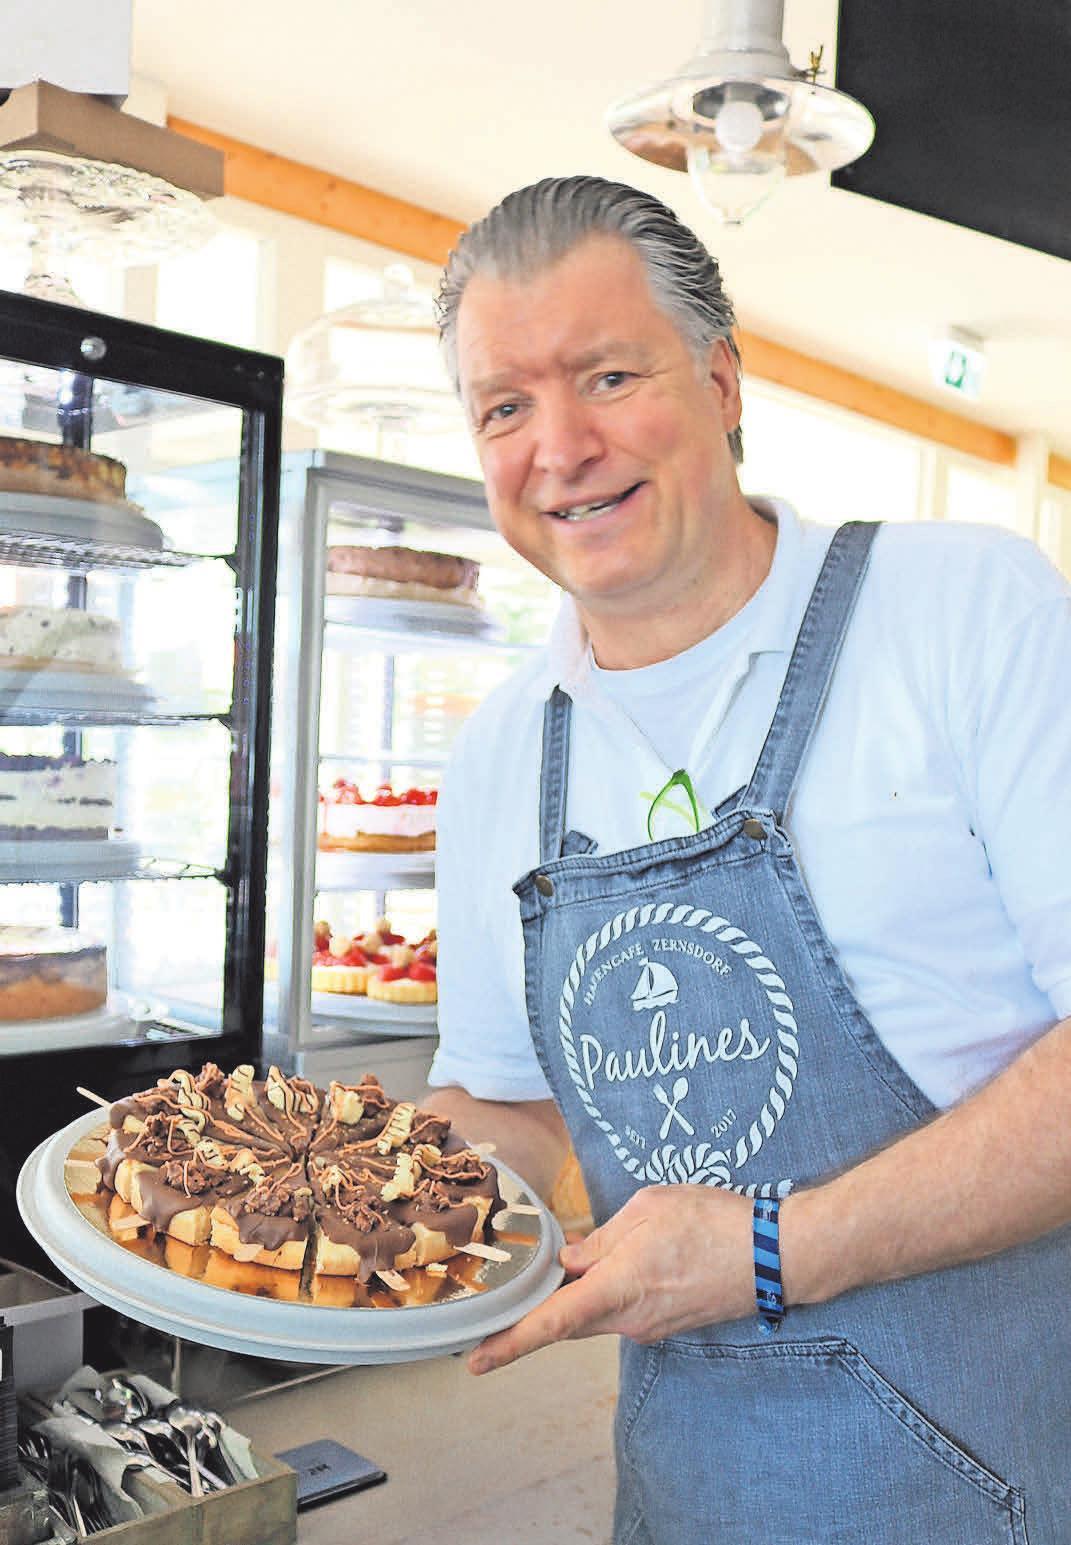 Käsekuchen am Stiel ist eine von Robert Lieskes Kreationen in Paulines Strandcafé in Zernsdorf.